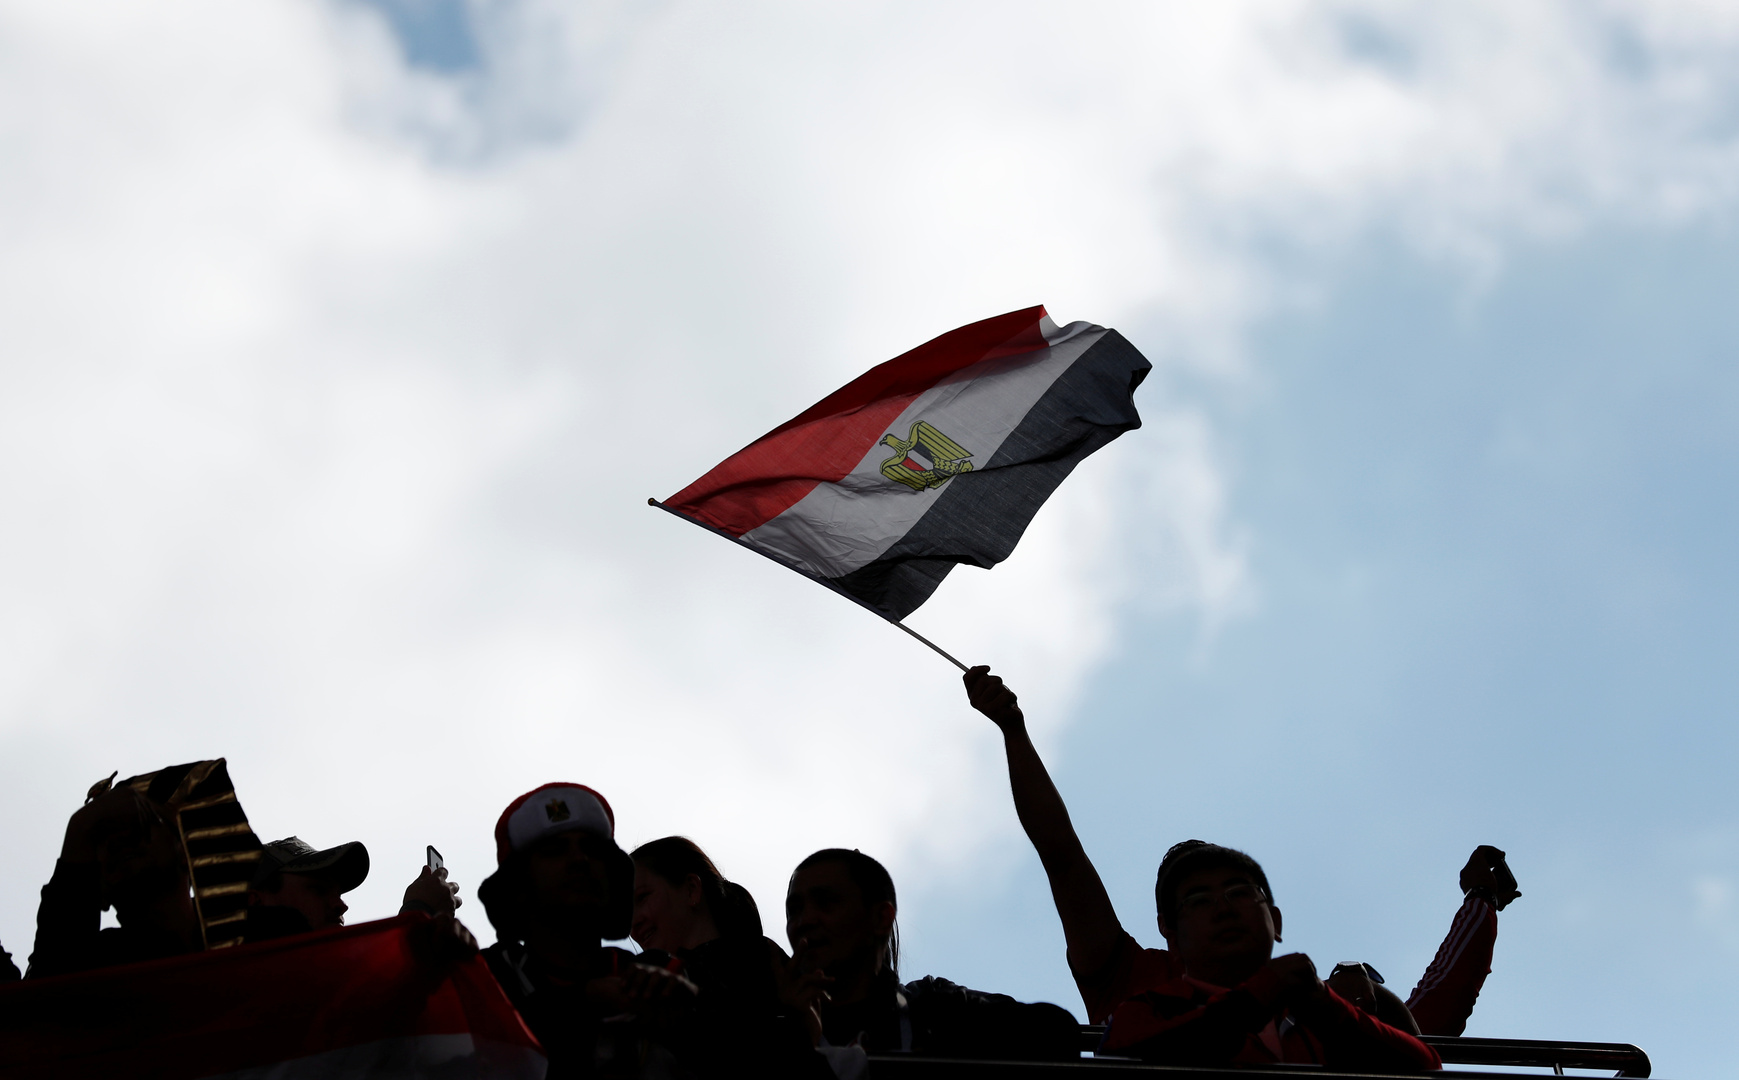 تحرك مصري ضد الحرب في إثيوبيا بعد التعرض لخسائر كبيرة للمصريين